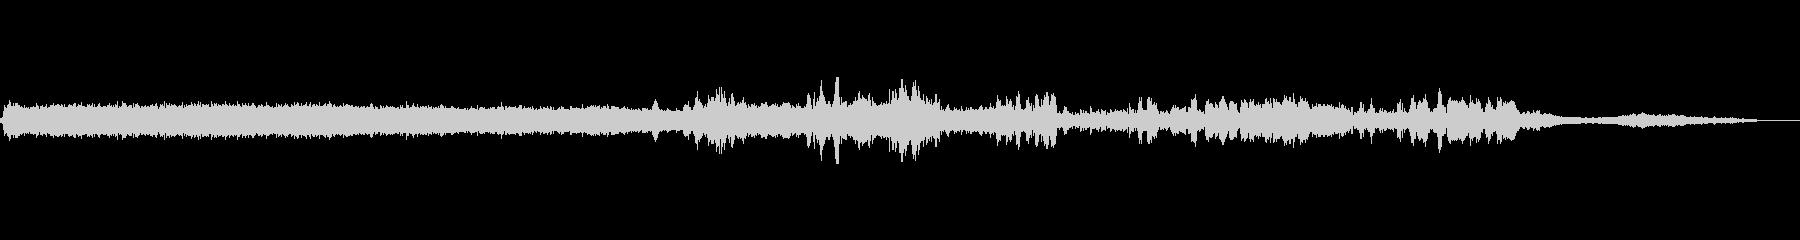 マシンソーバンドAの未再生の波形